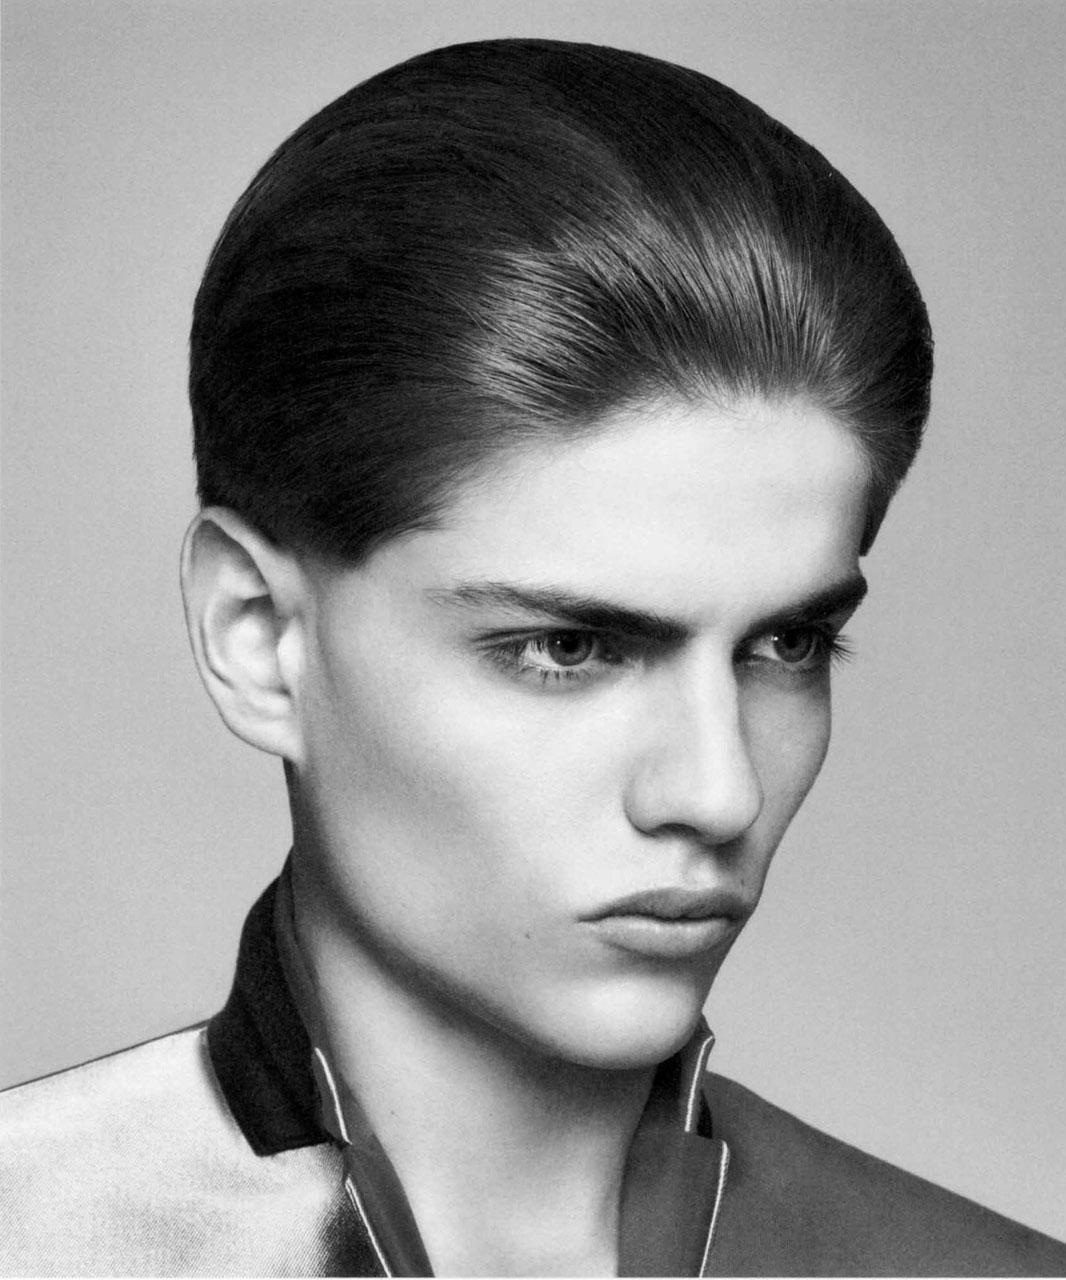 Pawel Bednarek